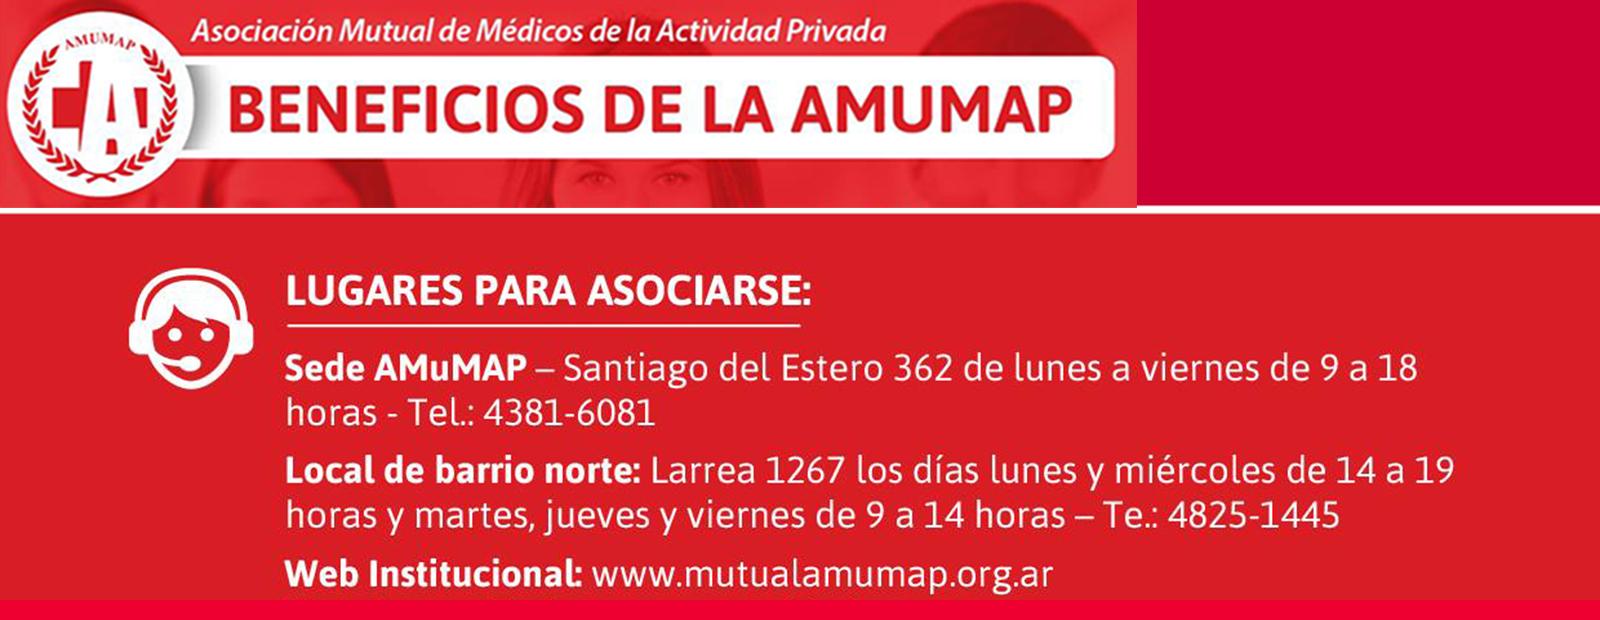 AMUMAP, brinda importantes beneficios a profesionales de la salud